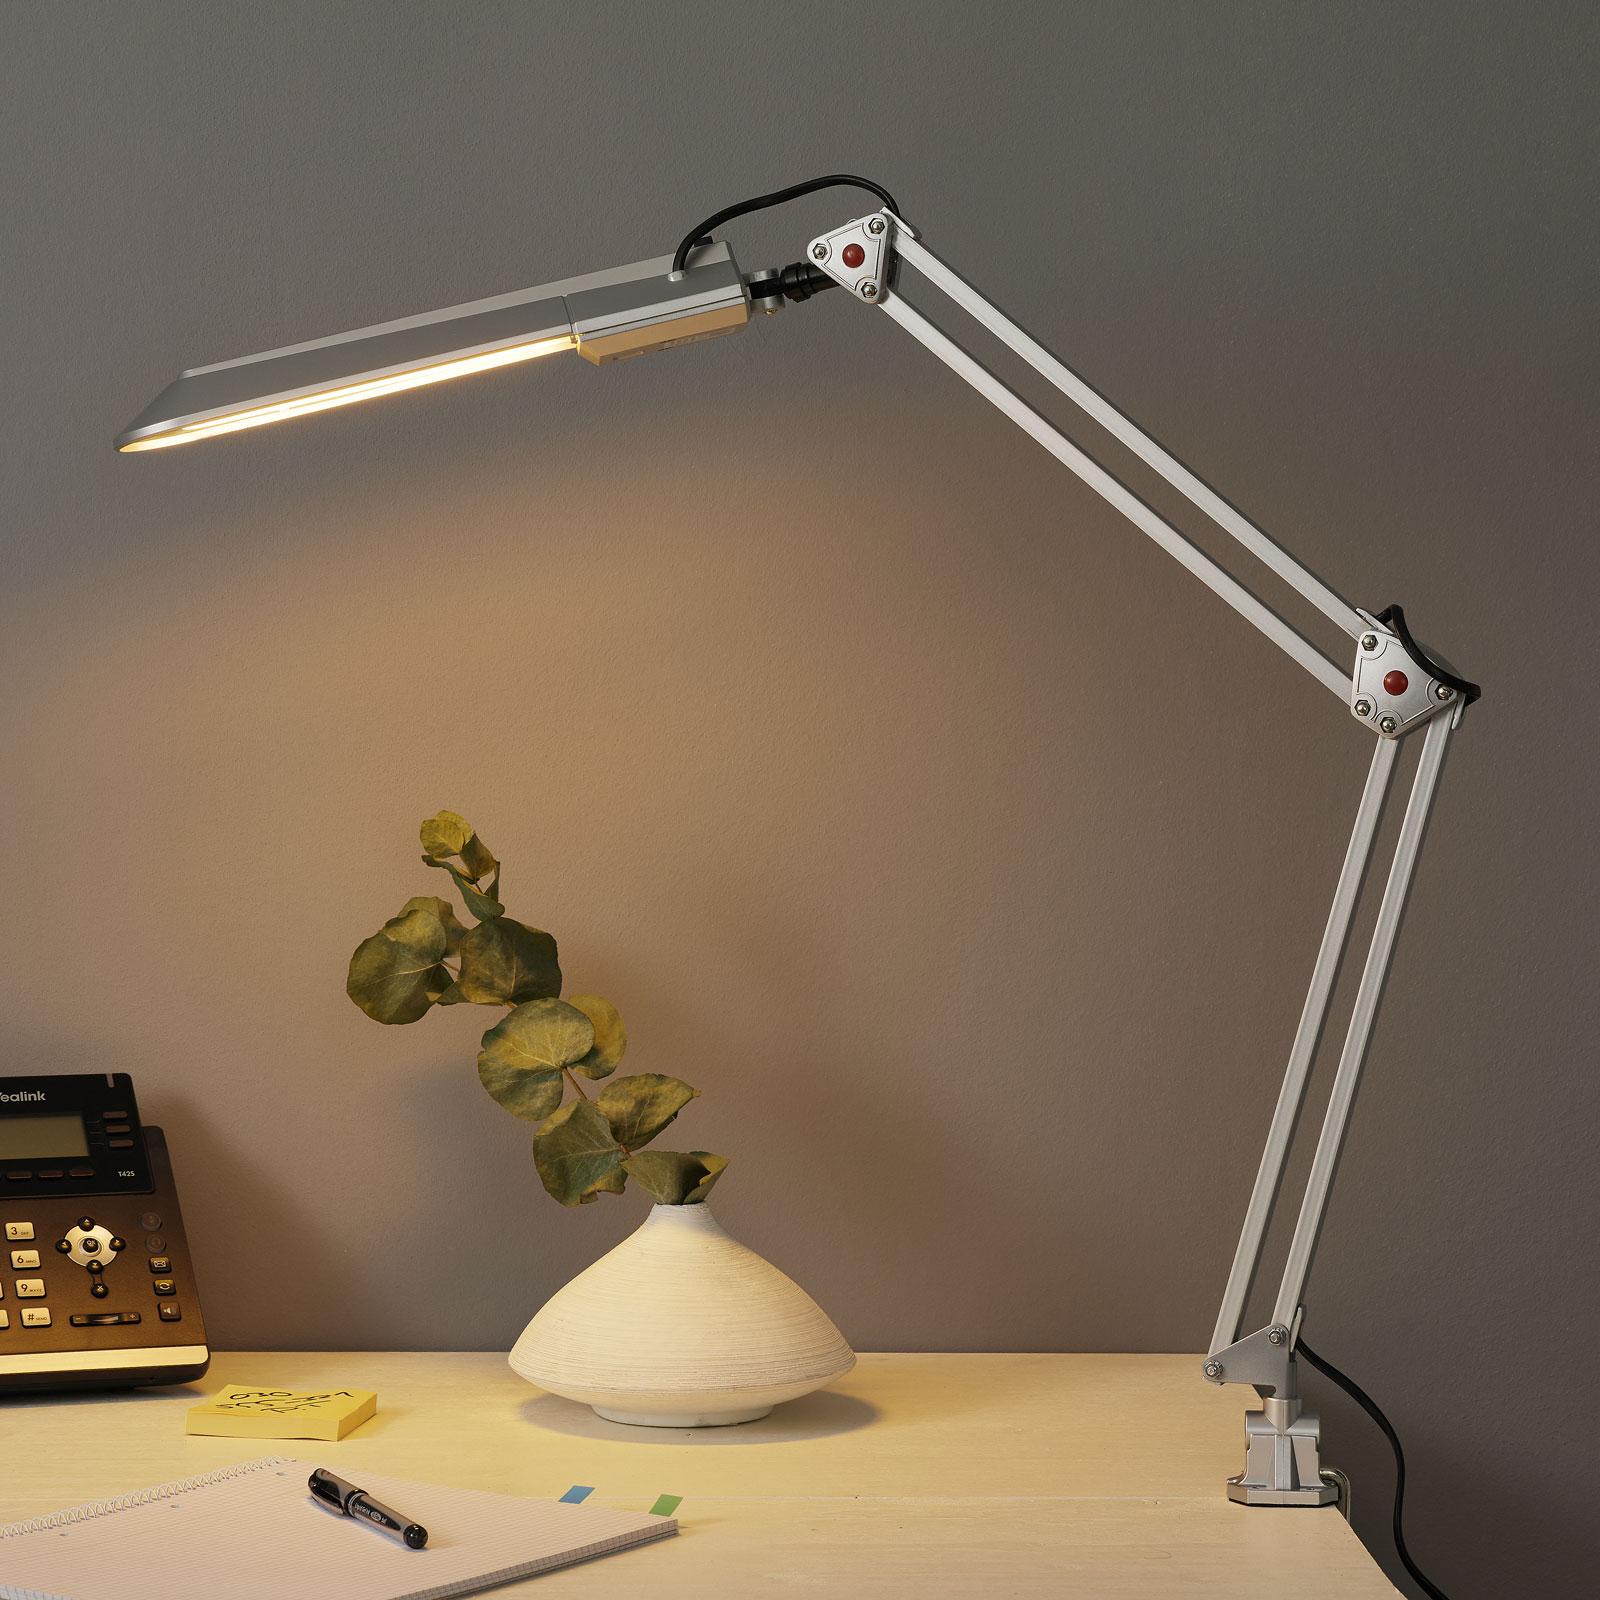 Workplace light PRACY, silver_1003059_1